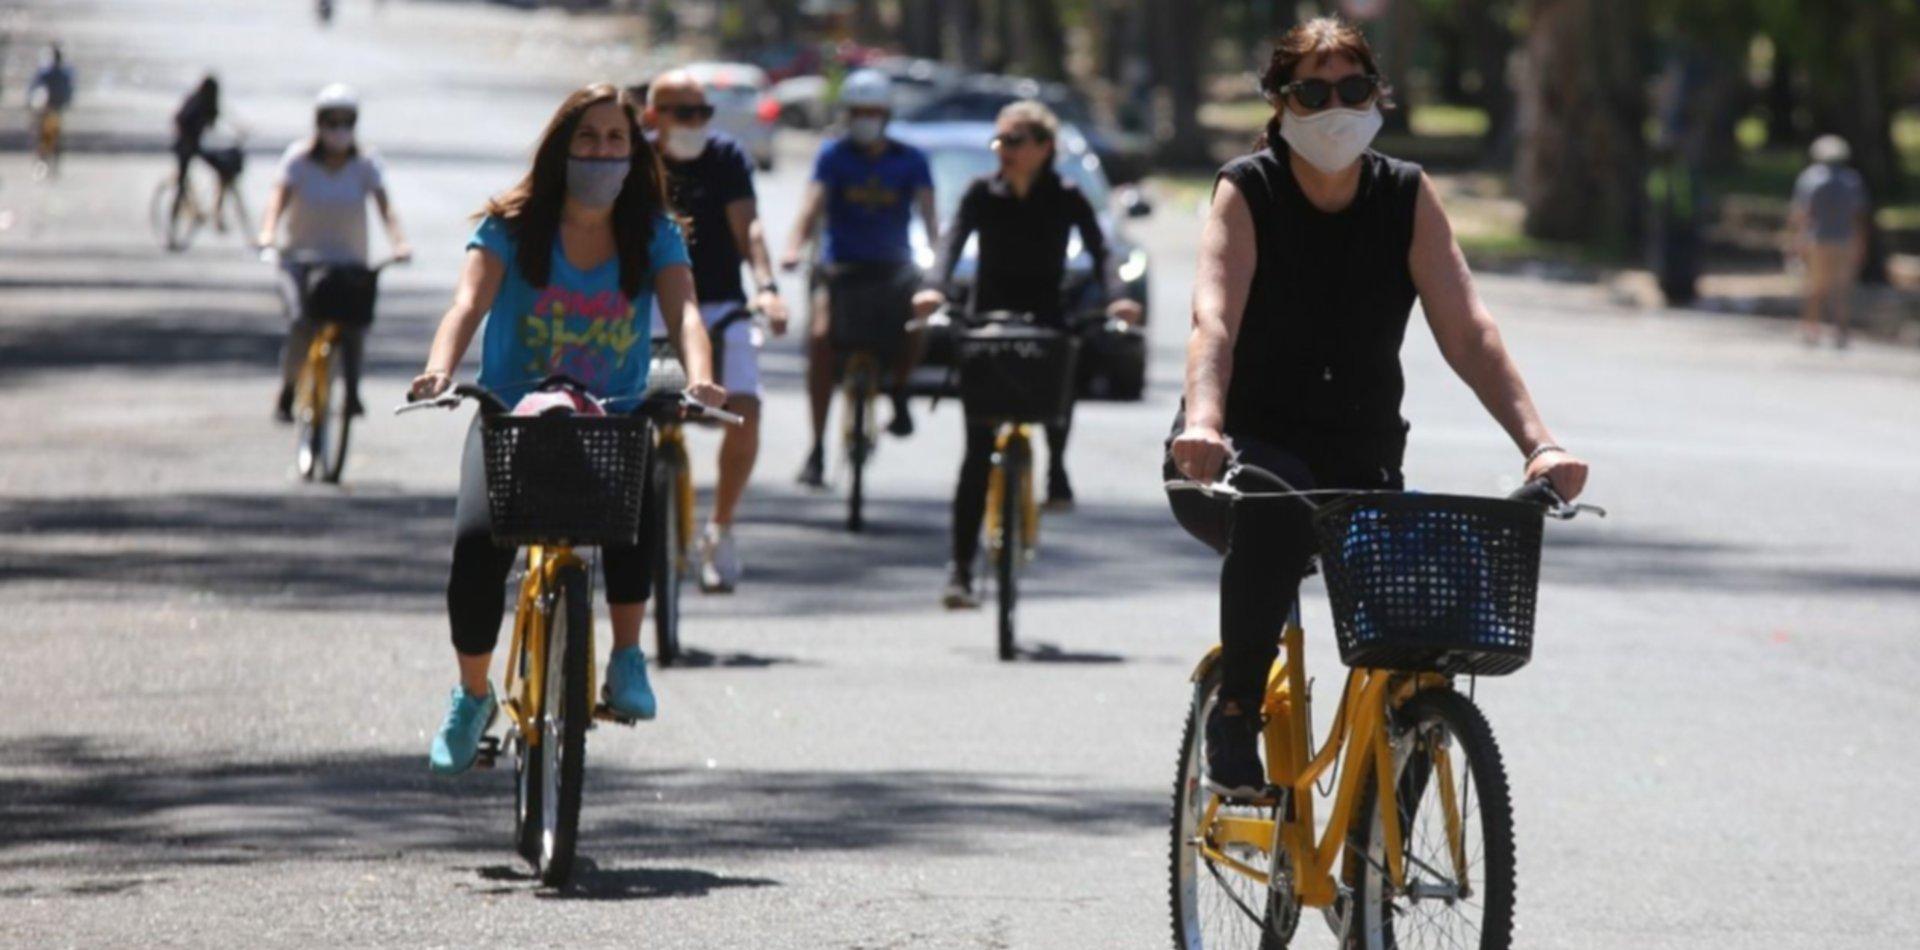 La Municipalidad prestará sus bicicletas gratis y sin límite de tiempo |  0221